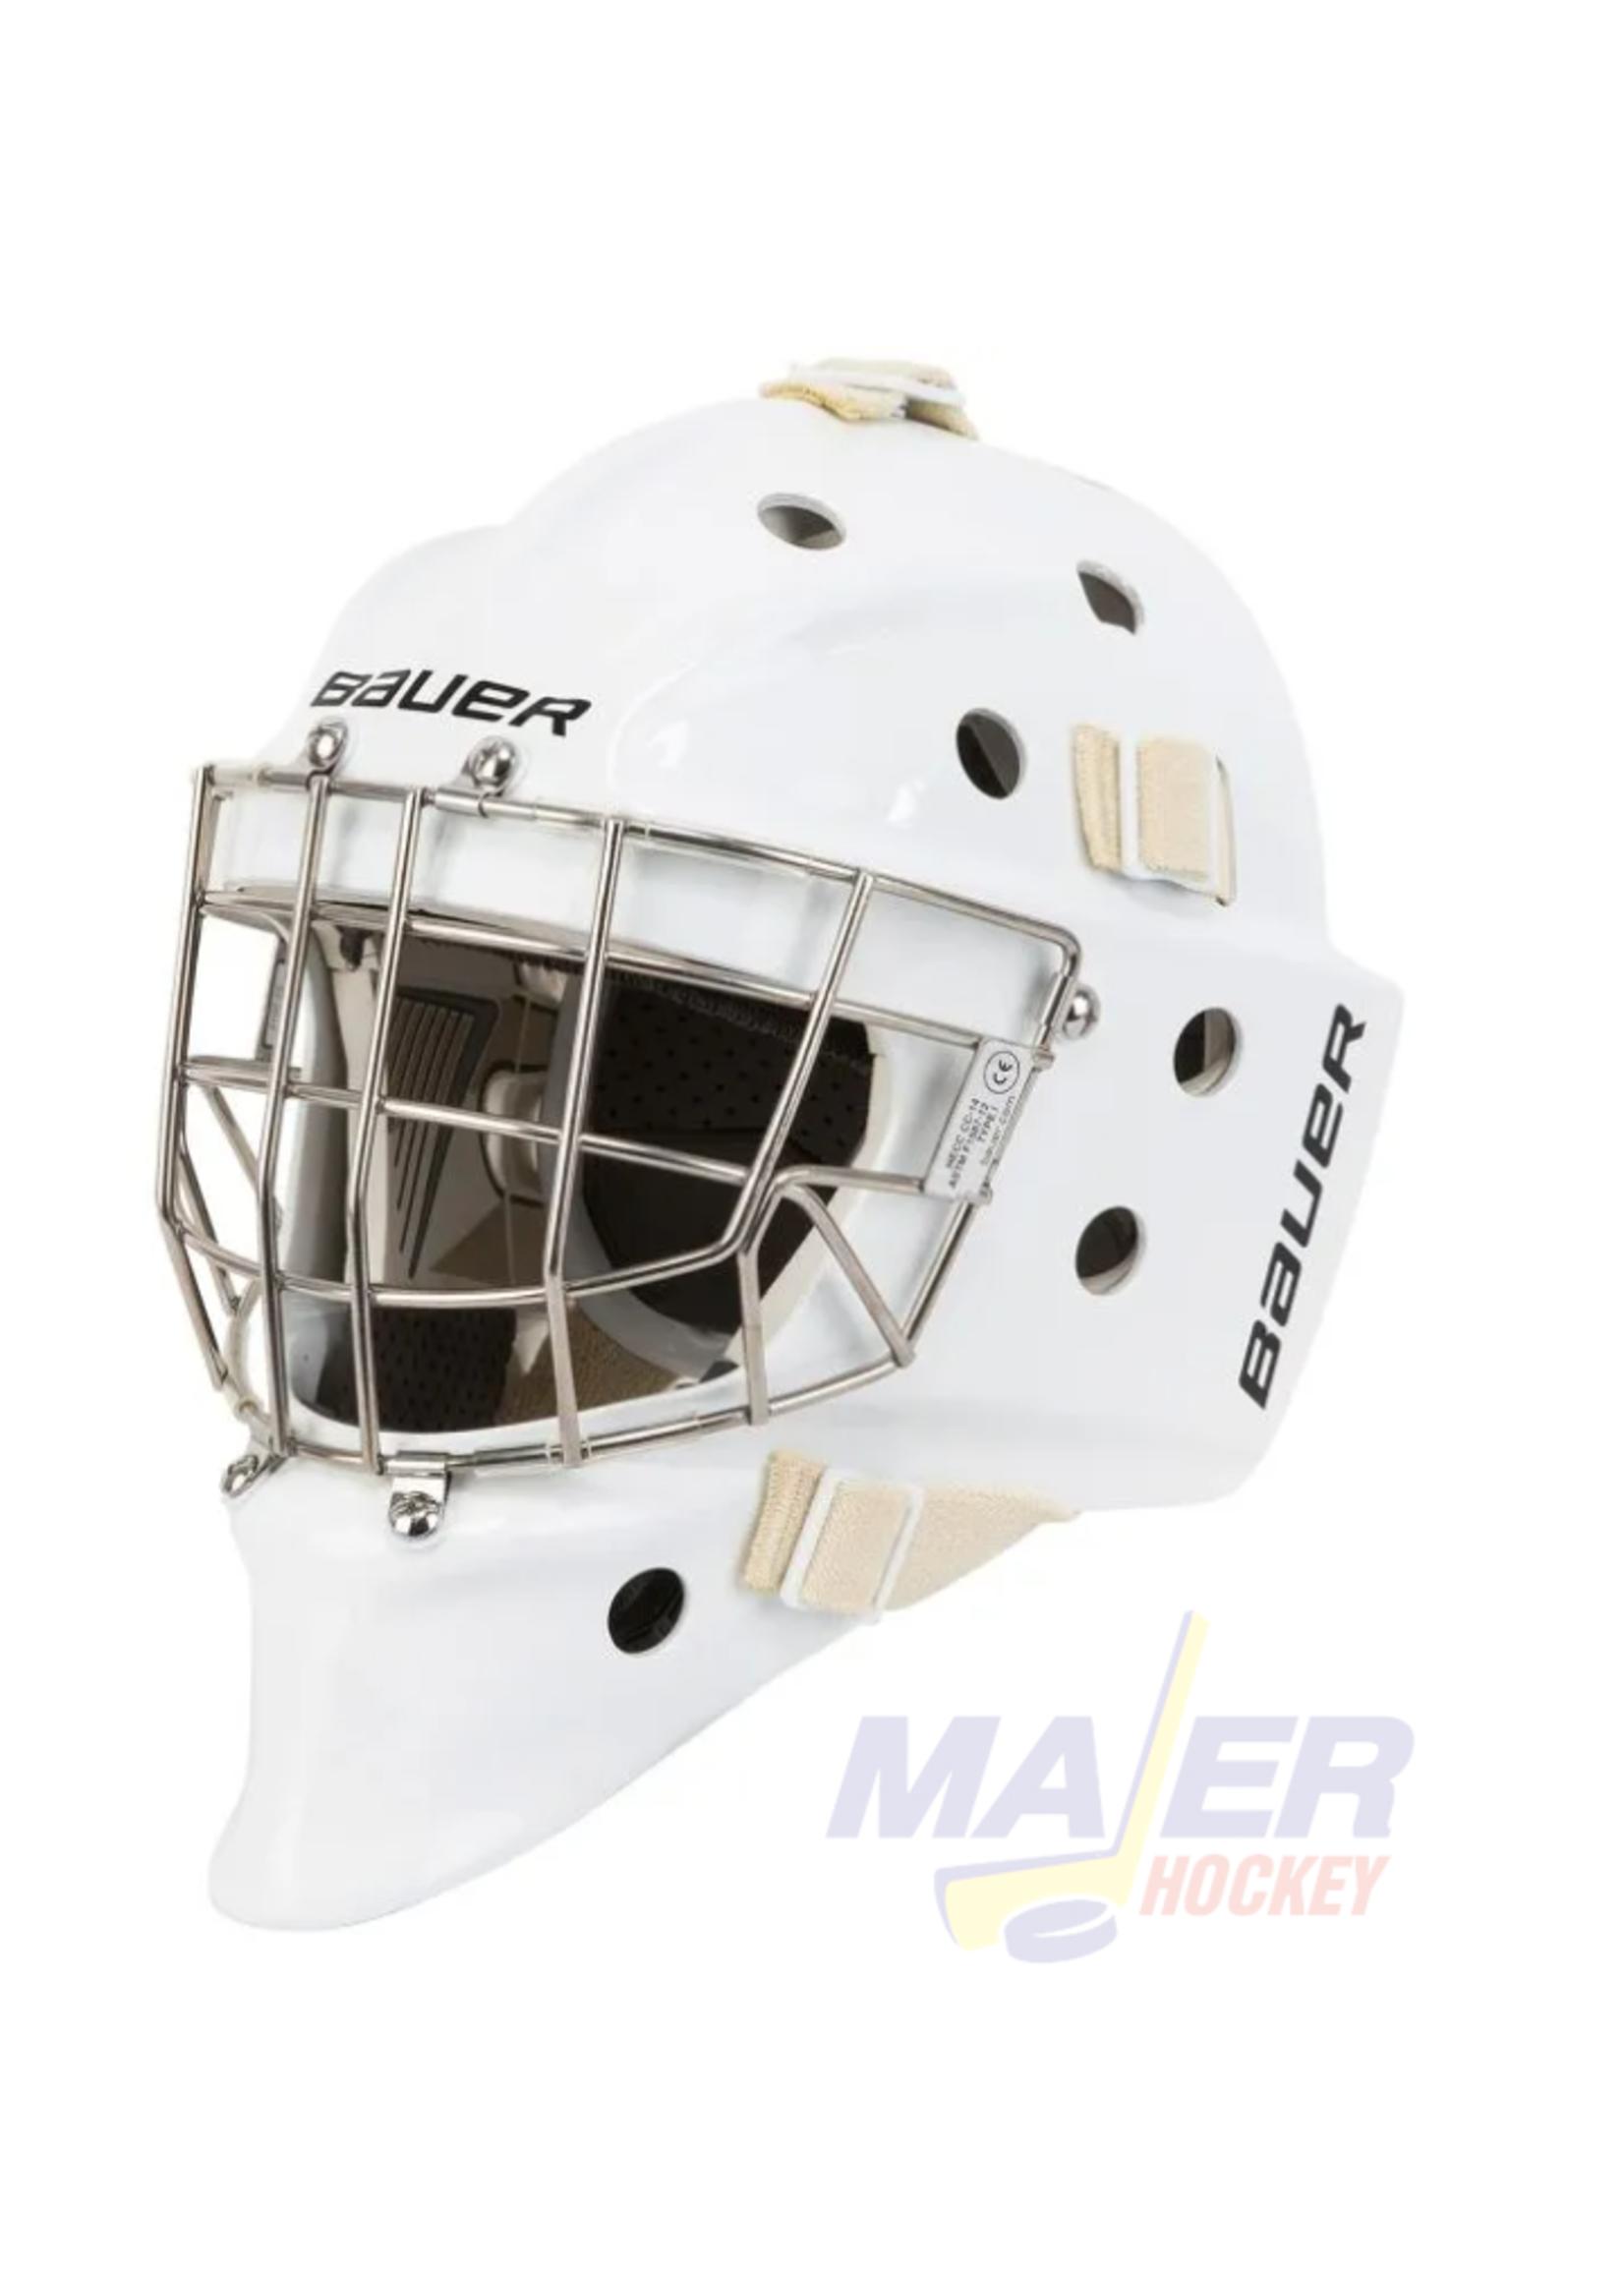 Bauer 960 Sr Goalie Mask